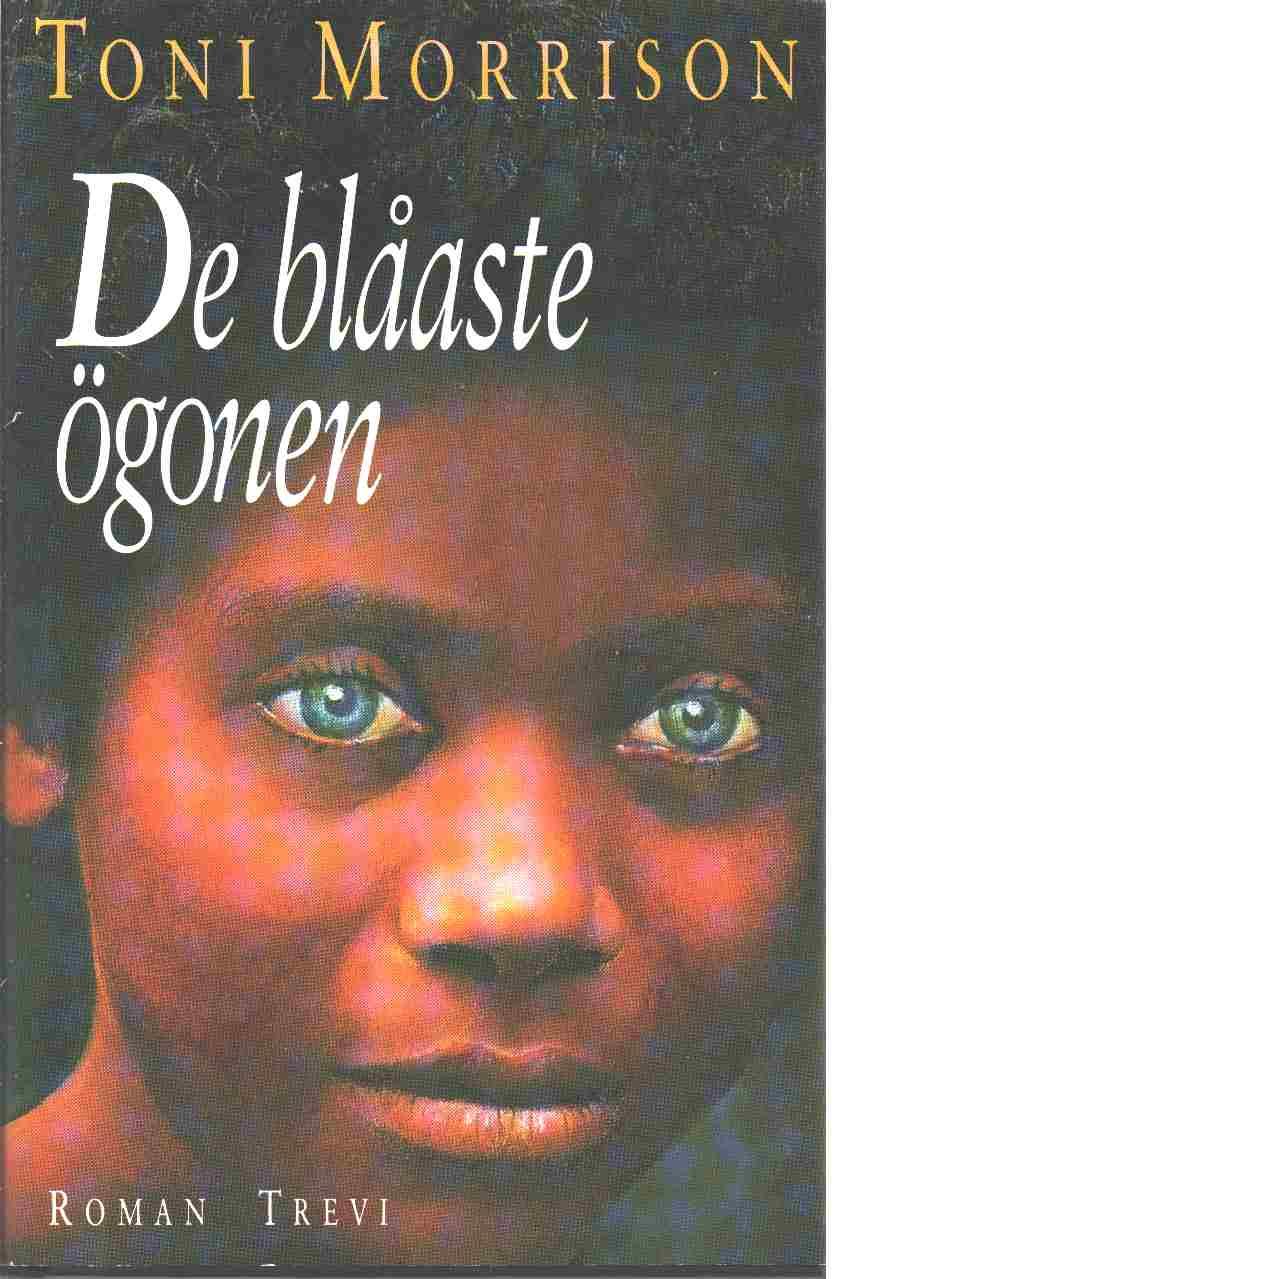 De blåaste ögonen - Morrison, Toni